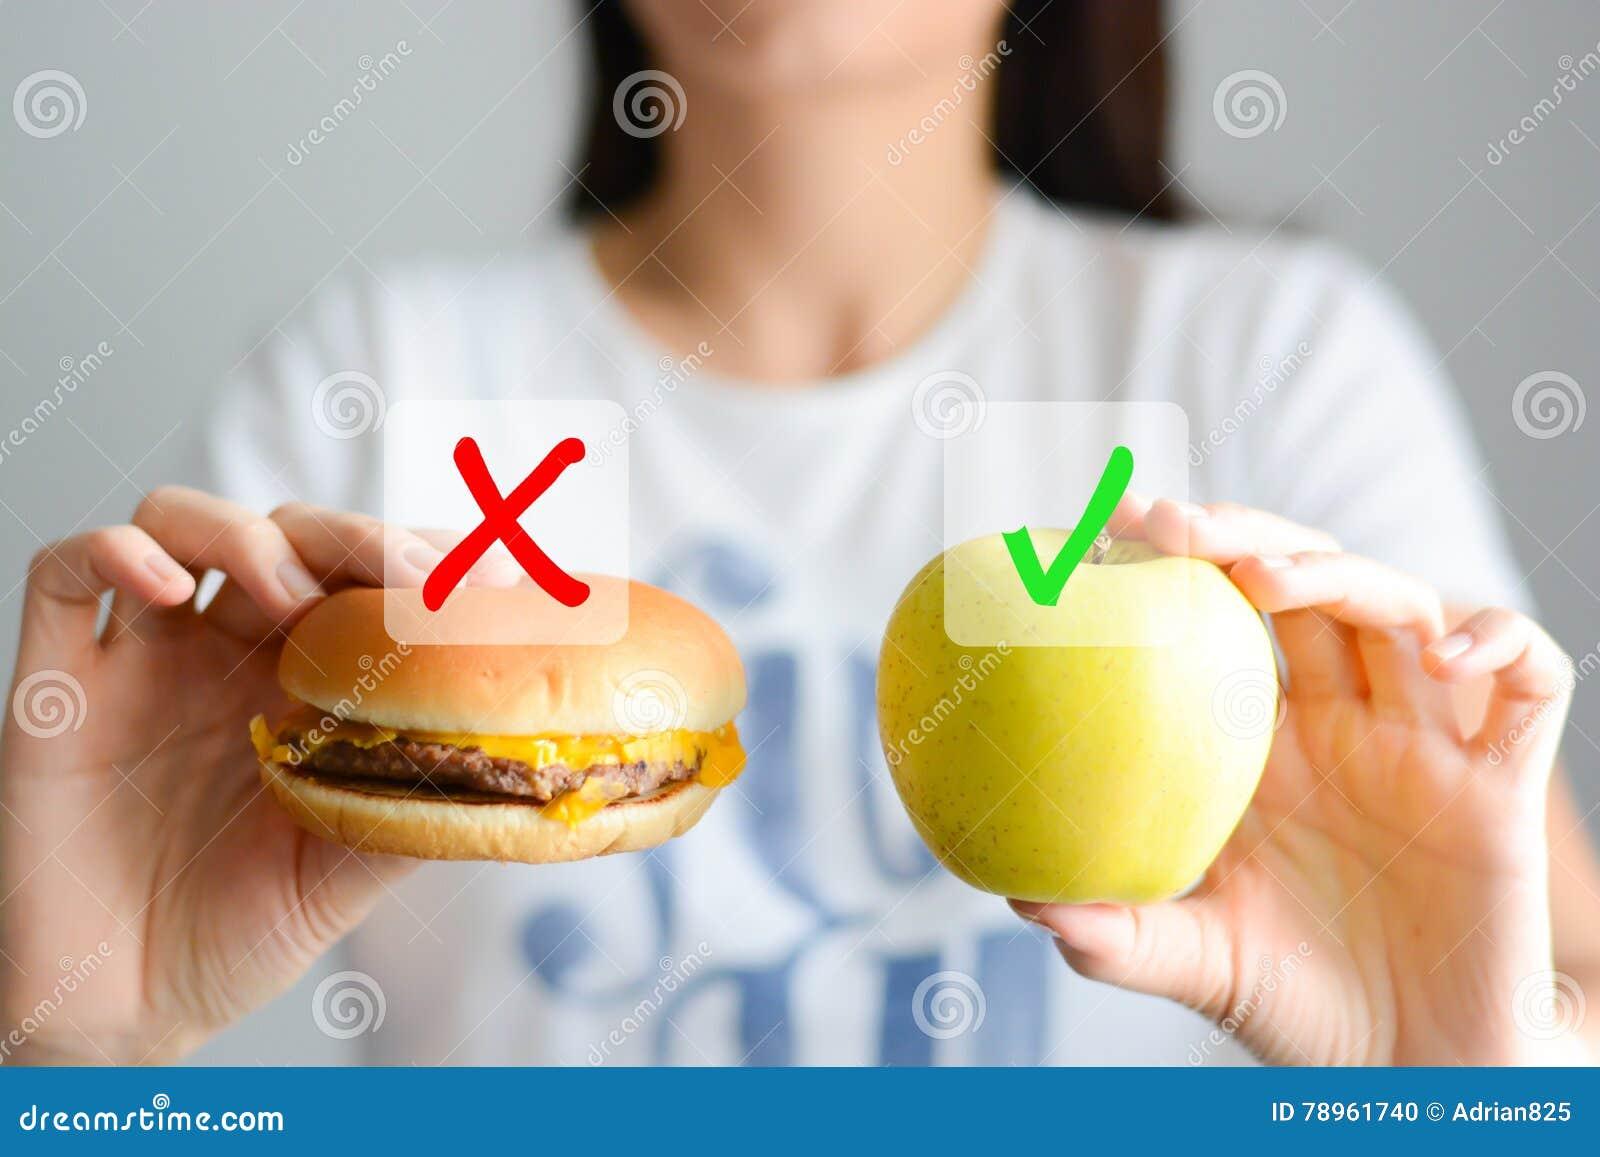 Escolha entre a comida lixo e uma dieta saudável